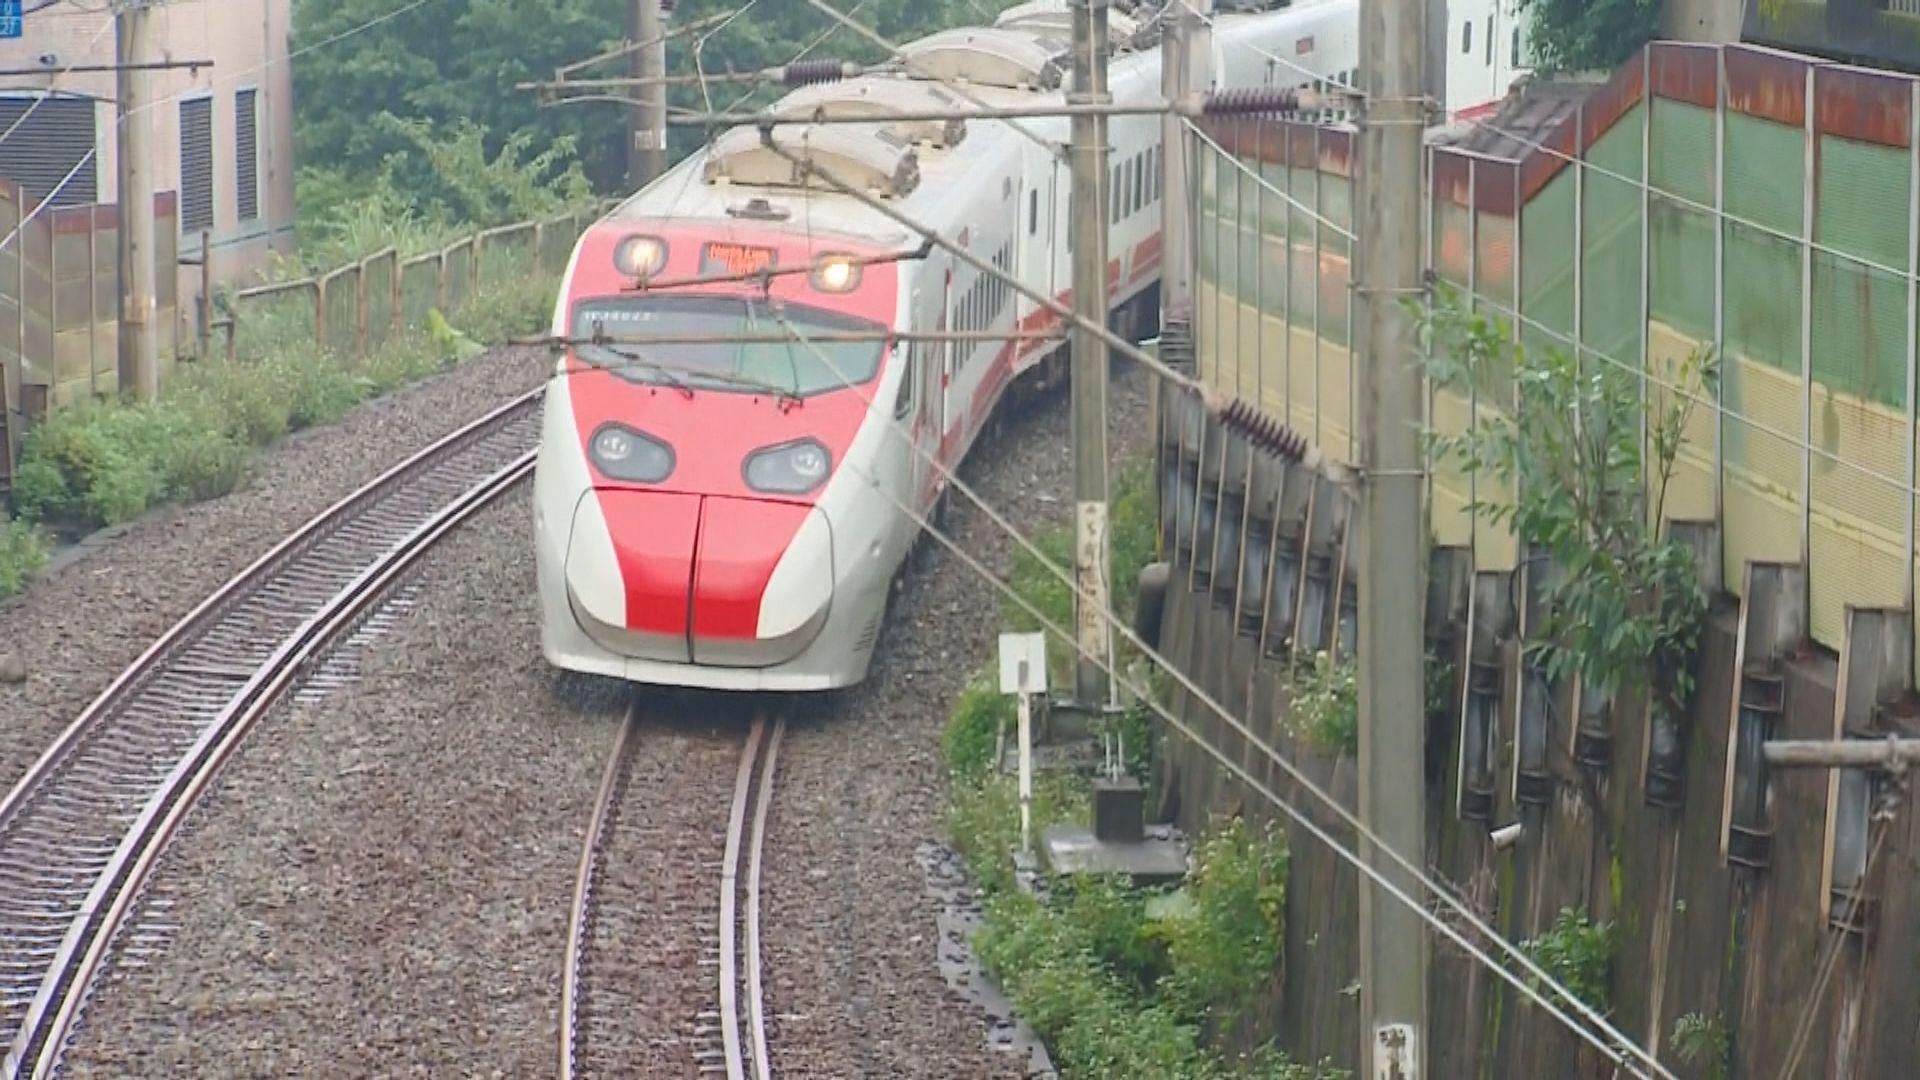 台灣當局:台鐵改革方案重點應聚焦在確保鐵路安全